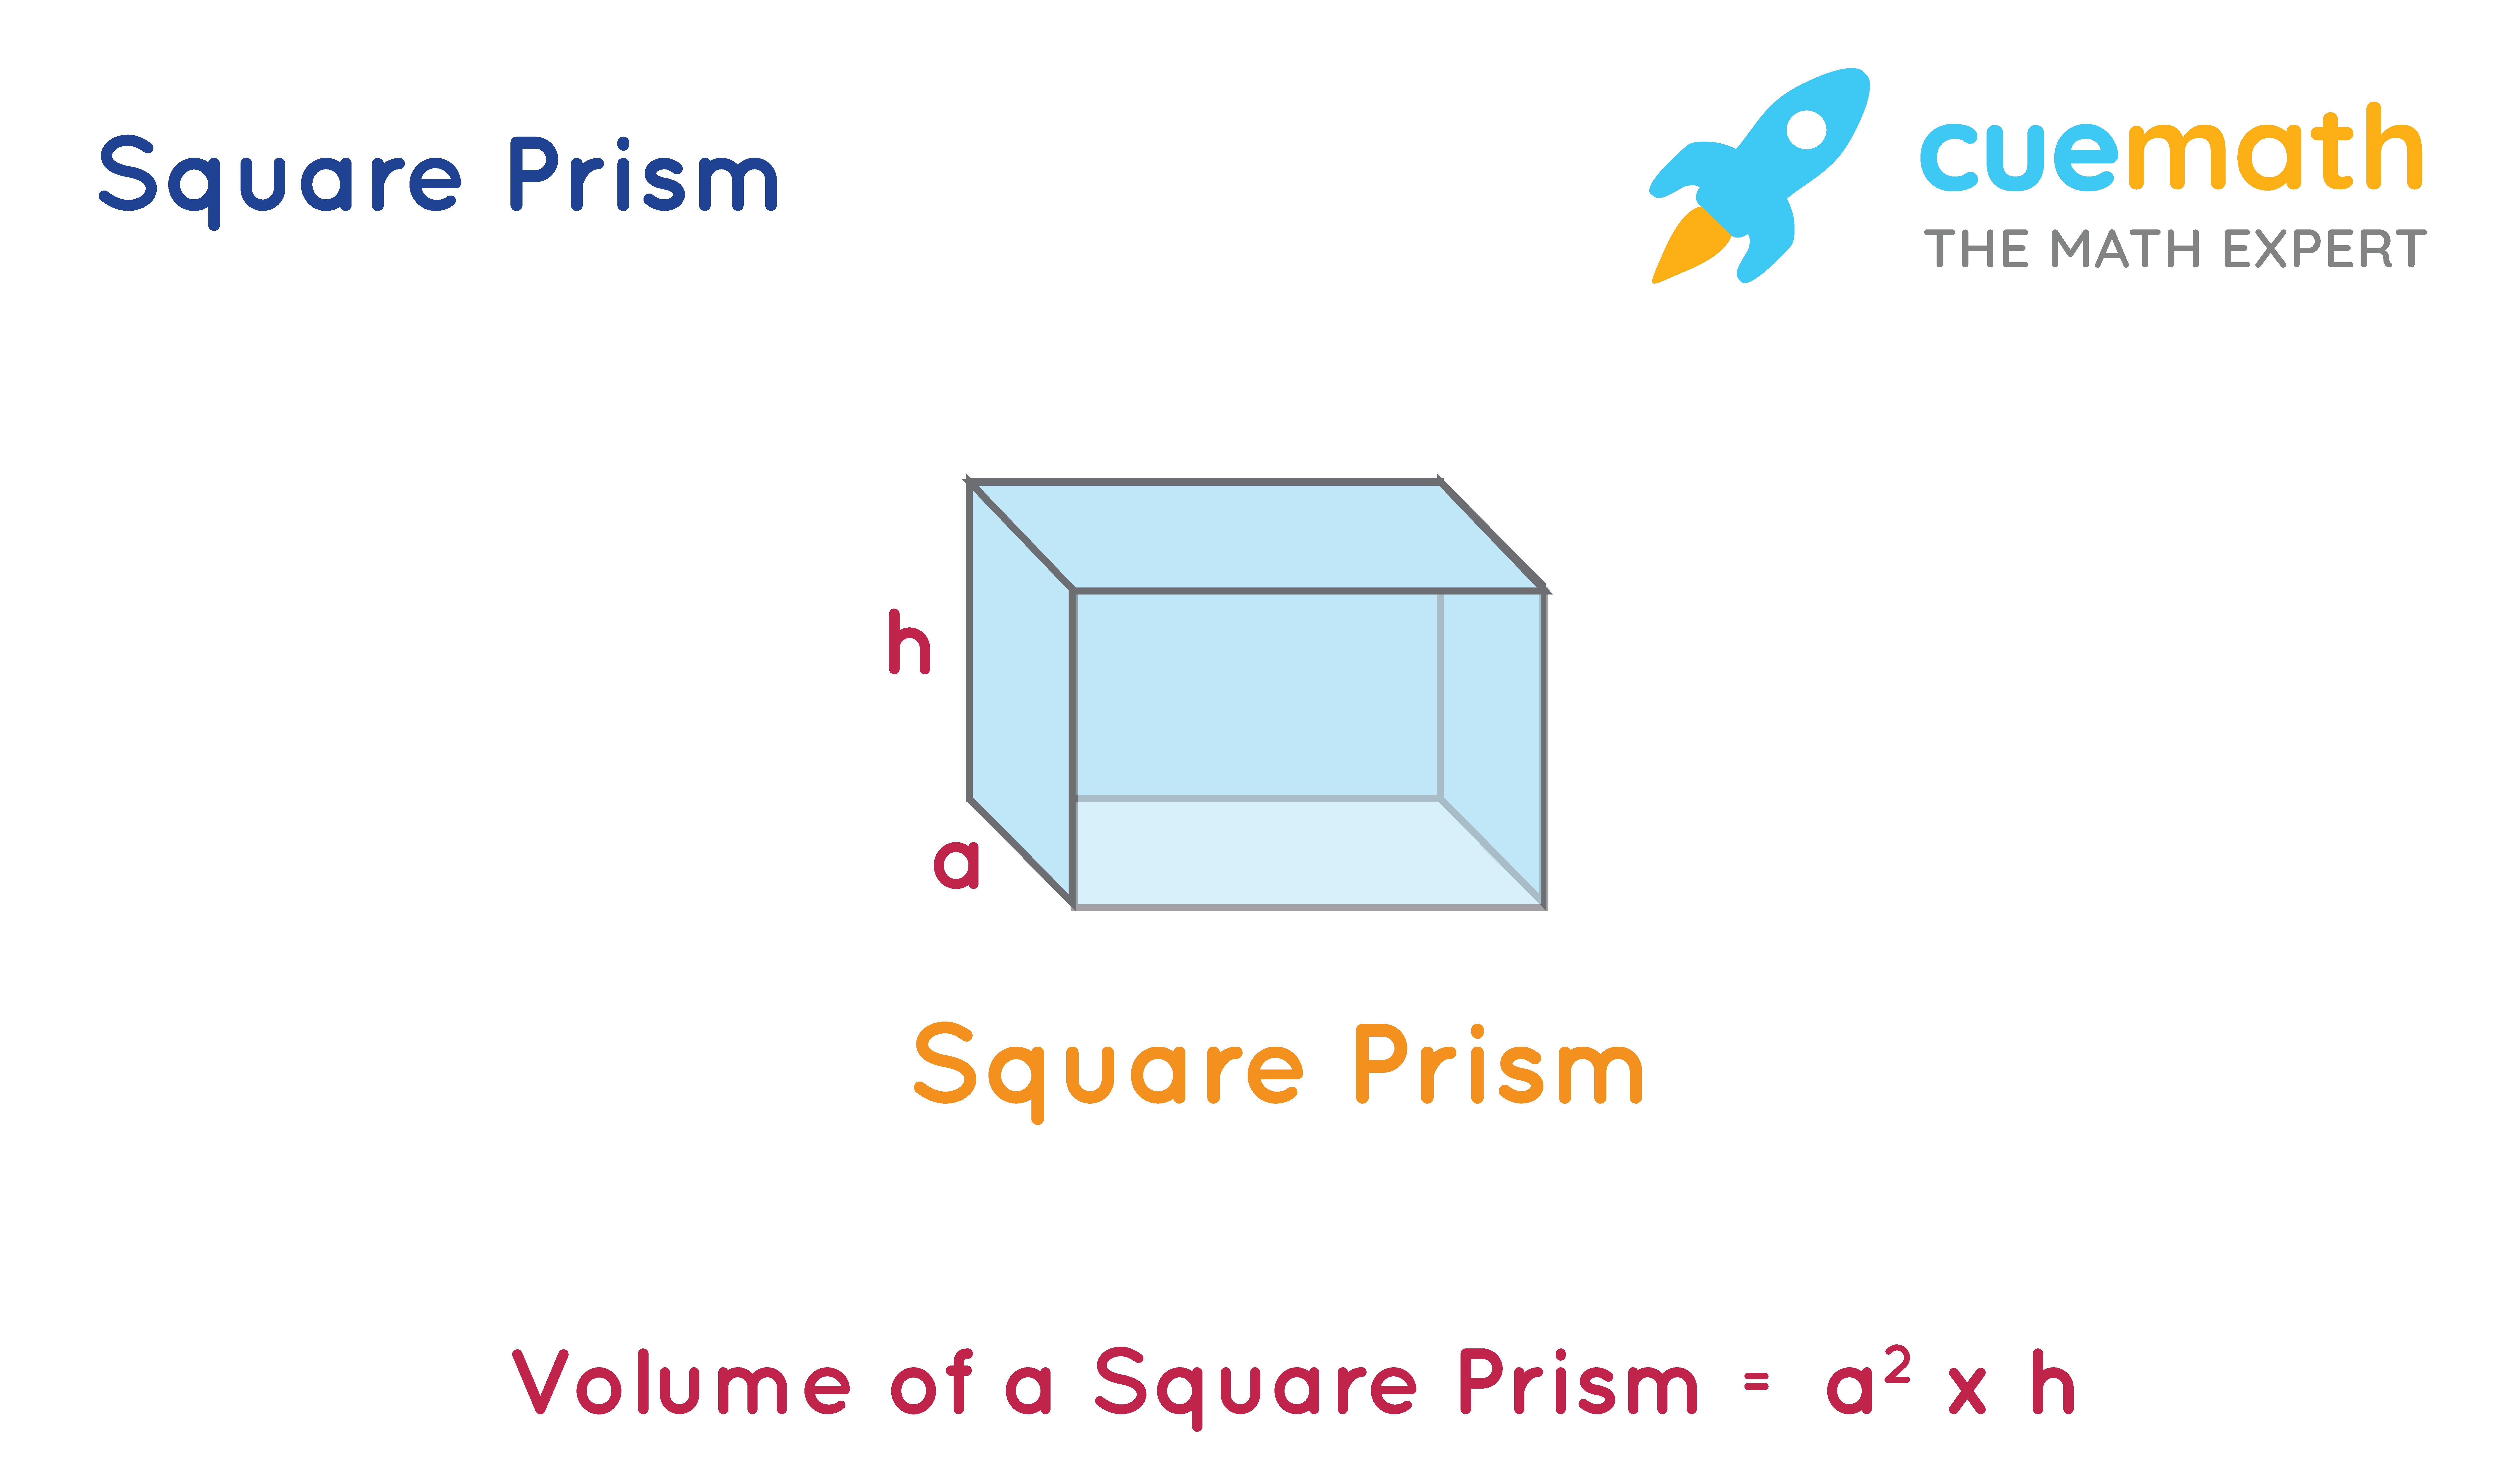 Volume of square prism